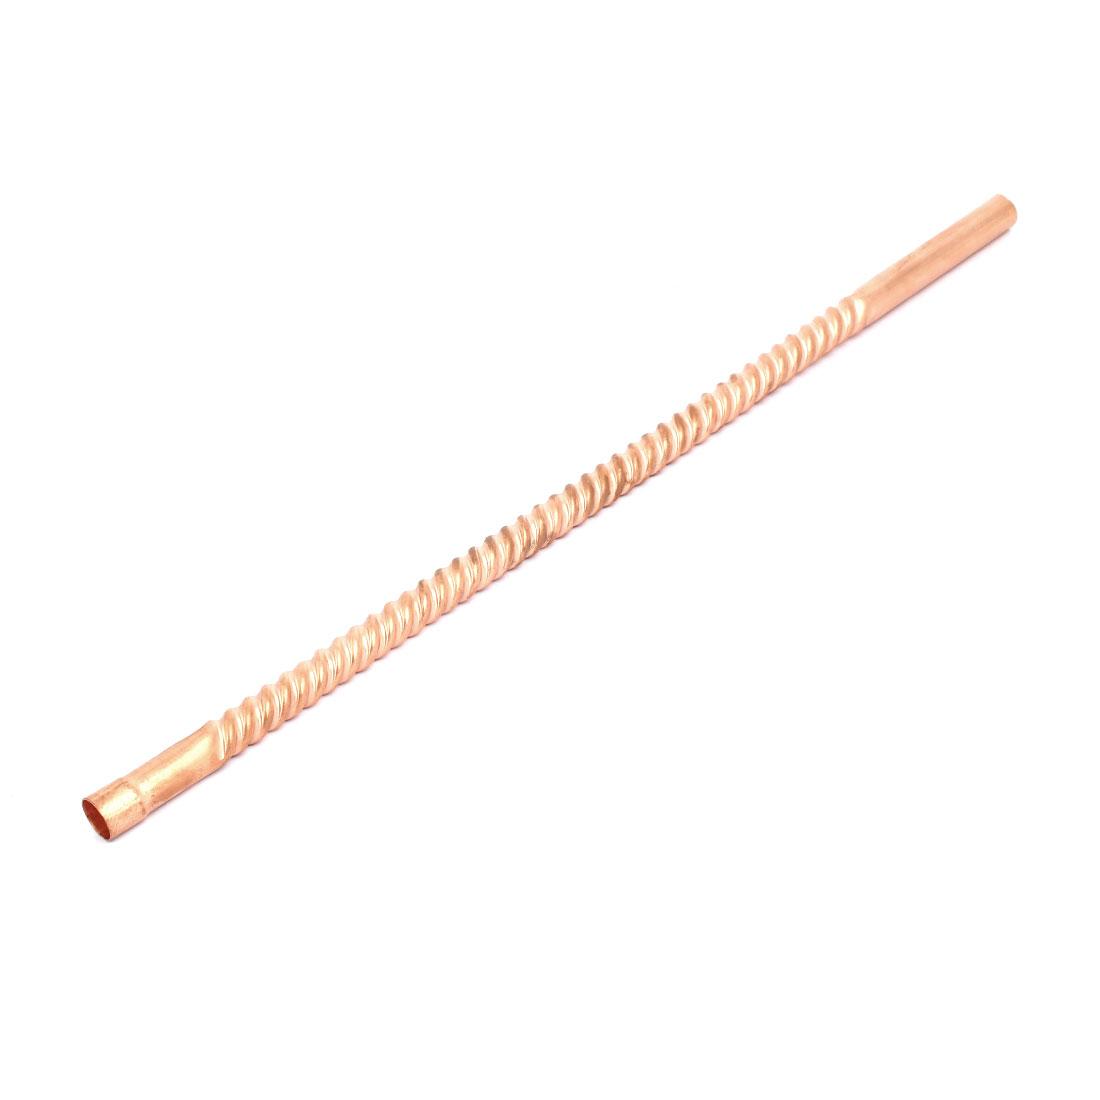 12mm Inner Diameter 39cm Length Ripple Design Copper Tube Air Conditioner Parts